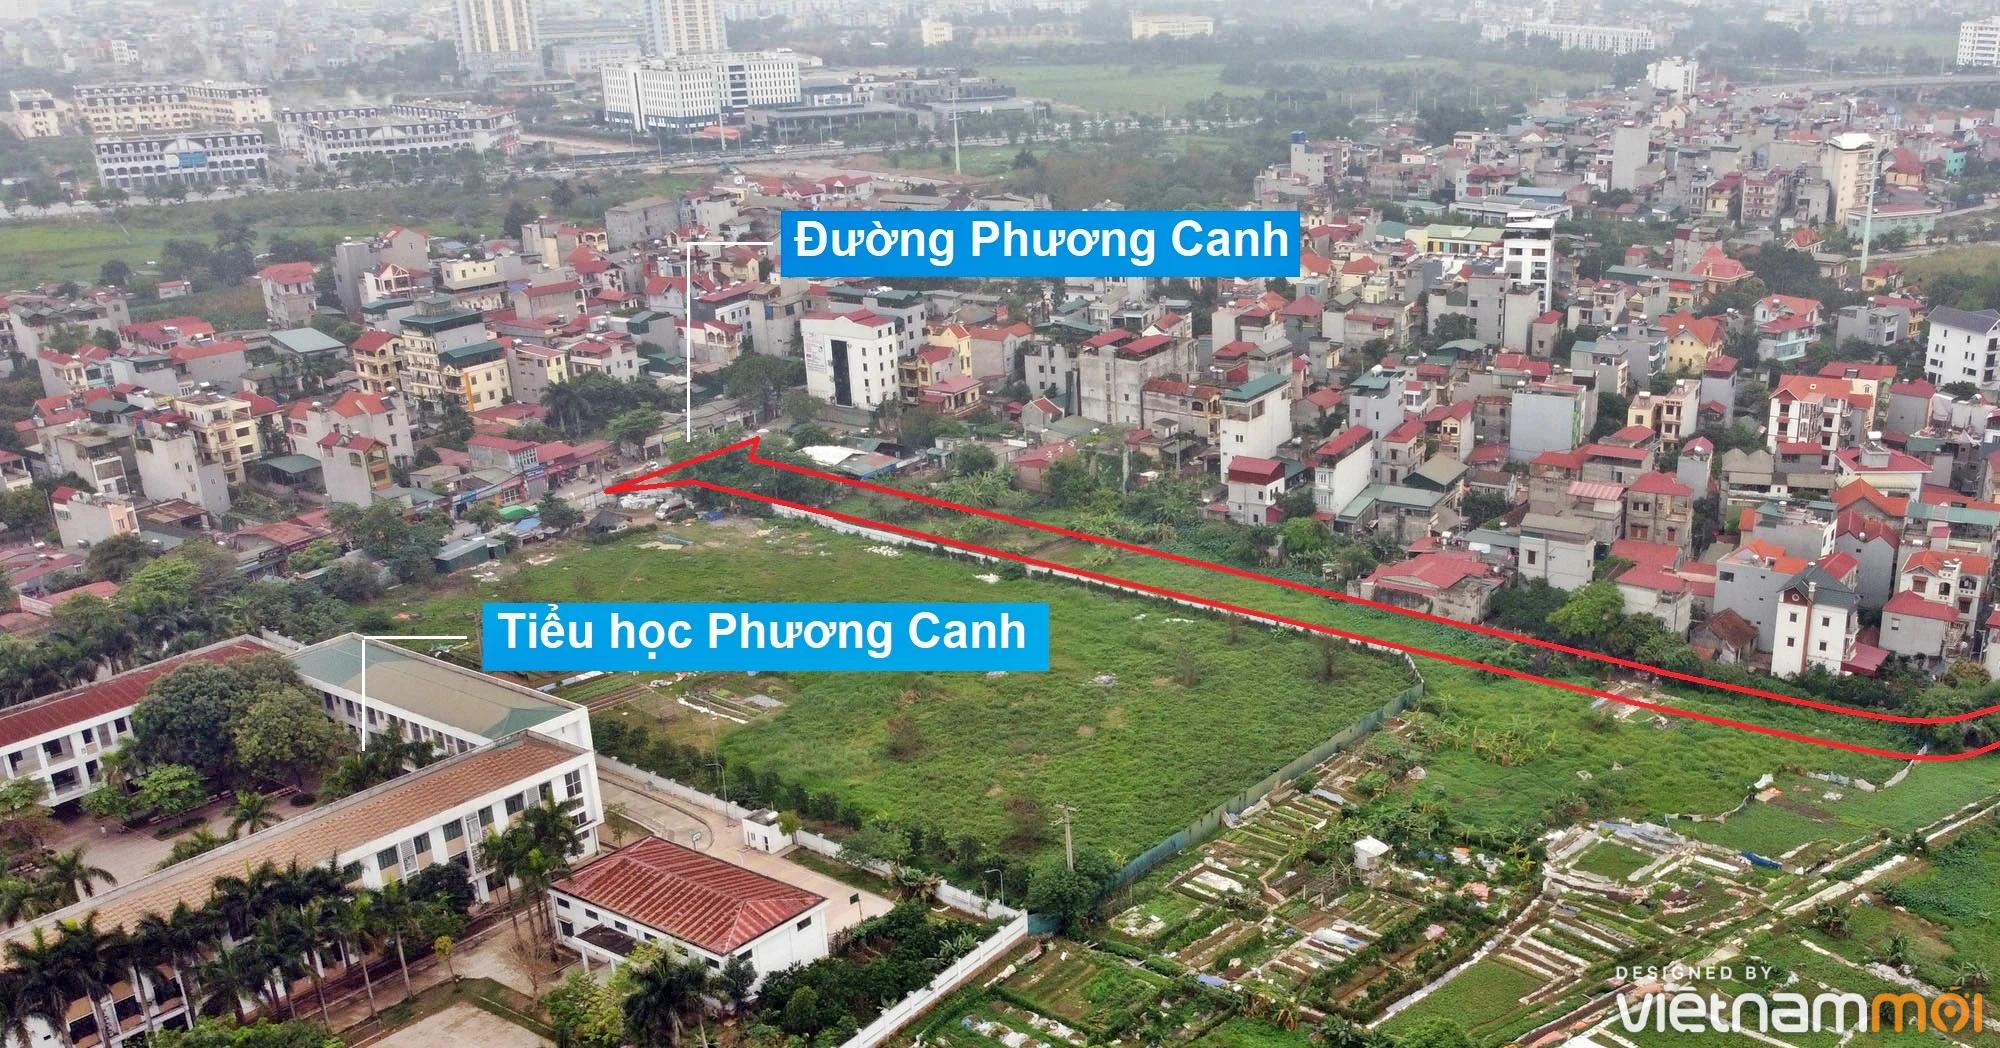 Những khu đất sắp thu hồi để mở đường ở phường Xuân Phương, Nam Từ Liêm, Hà Nội (phần 3) - Ảnh 4.